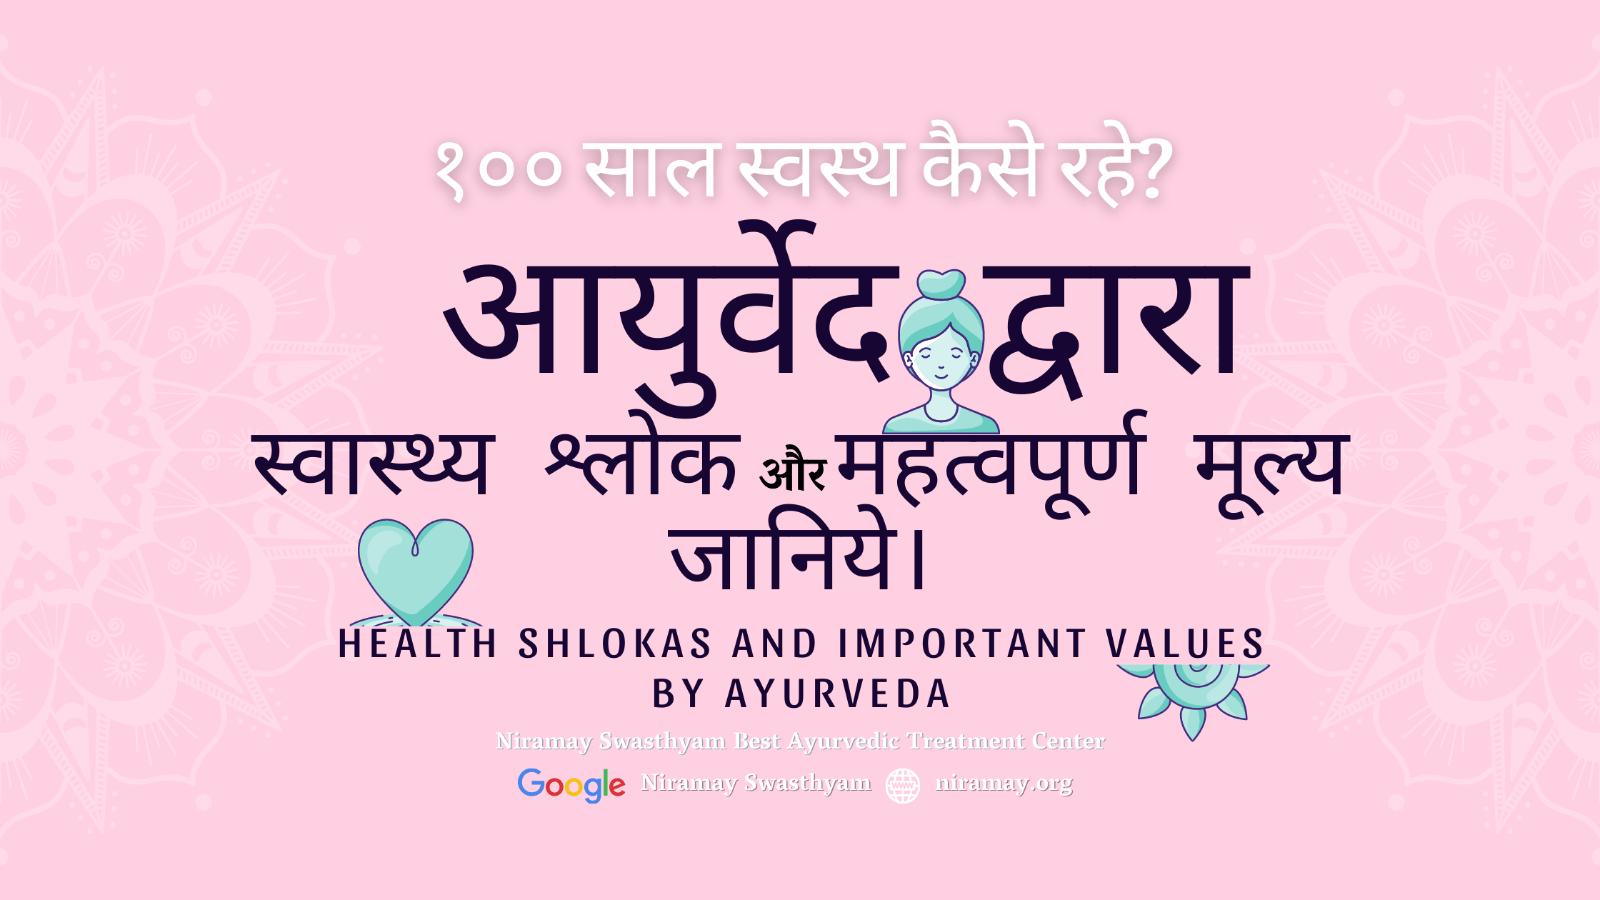 28 आयुर्वेद द्वारा स्वास्थ्य श्लोक और महत्वपूर्ण मूल्य जानिये। Niramay Swasthyam Best Ayurvedic Treatment Center